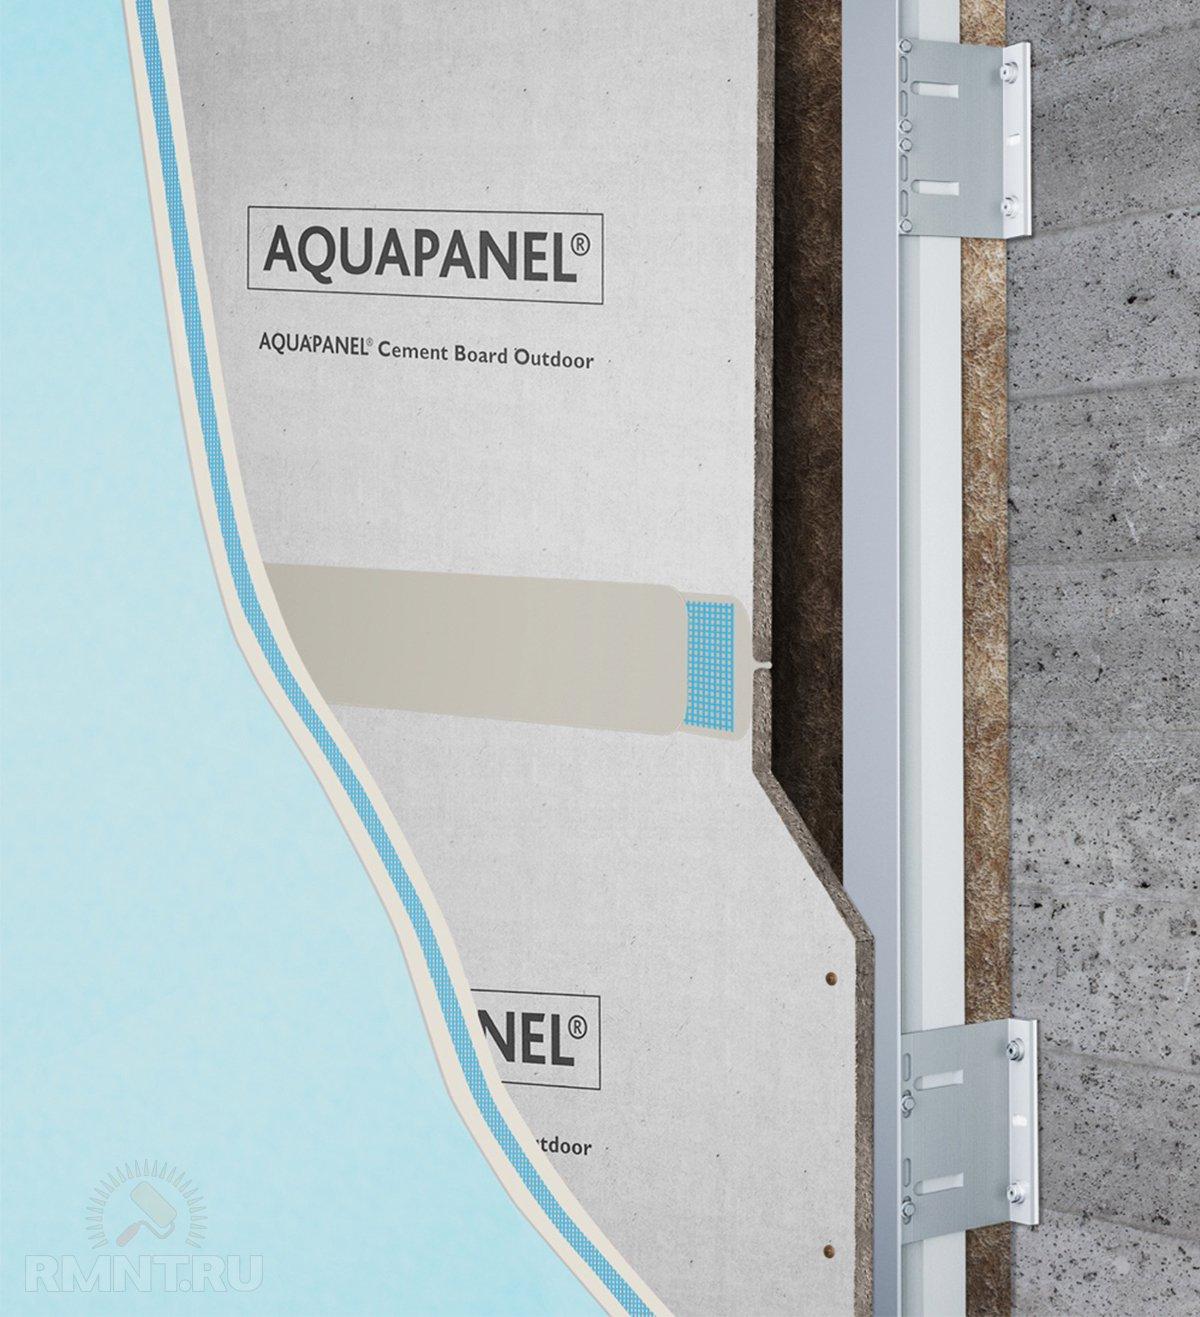 Аквапанель: характеристики материала, использование, цены